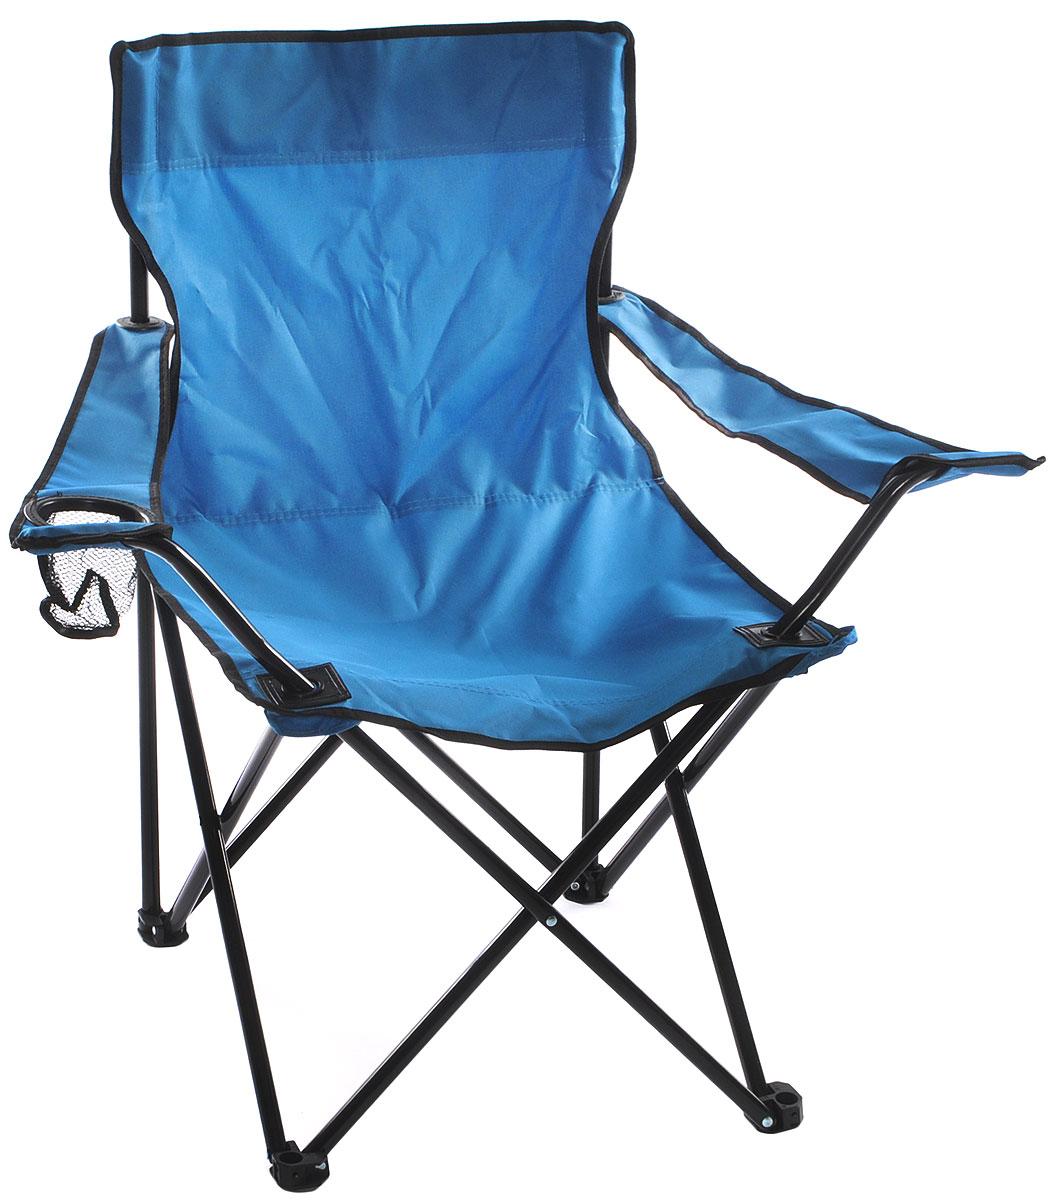 Кресло складное Wildman, с подлокотником, цвет: голубой, 77 х 50 х 80 смKOCAc6009LEDНа складном кресле Wildman можно удобно расположиться в тени деревьев, отдохнуть в приятной прохладелетнего вечера.В использовании такое кресло достойно самых лучших похвал. Кресло выполнено из прочной ткани оксфорд, каркас стальной. Кресло оснащено удобными подлокотниками, в одном из них расположен подстаканник. В сложенном виде кресло удобно для хранения и переноски.В комплекте чехол для переноски и хранения.